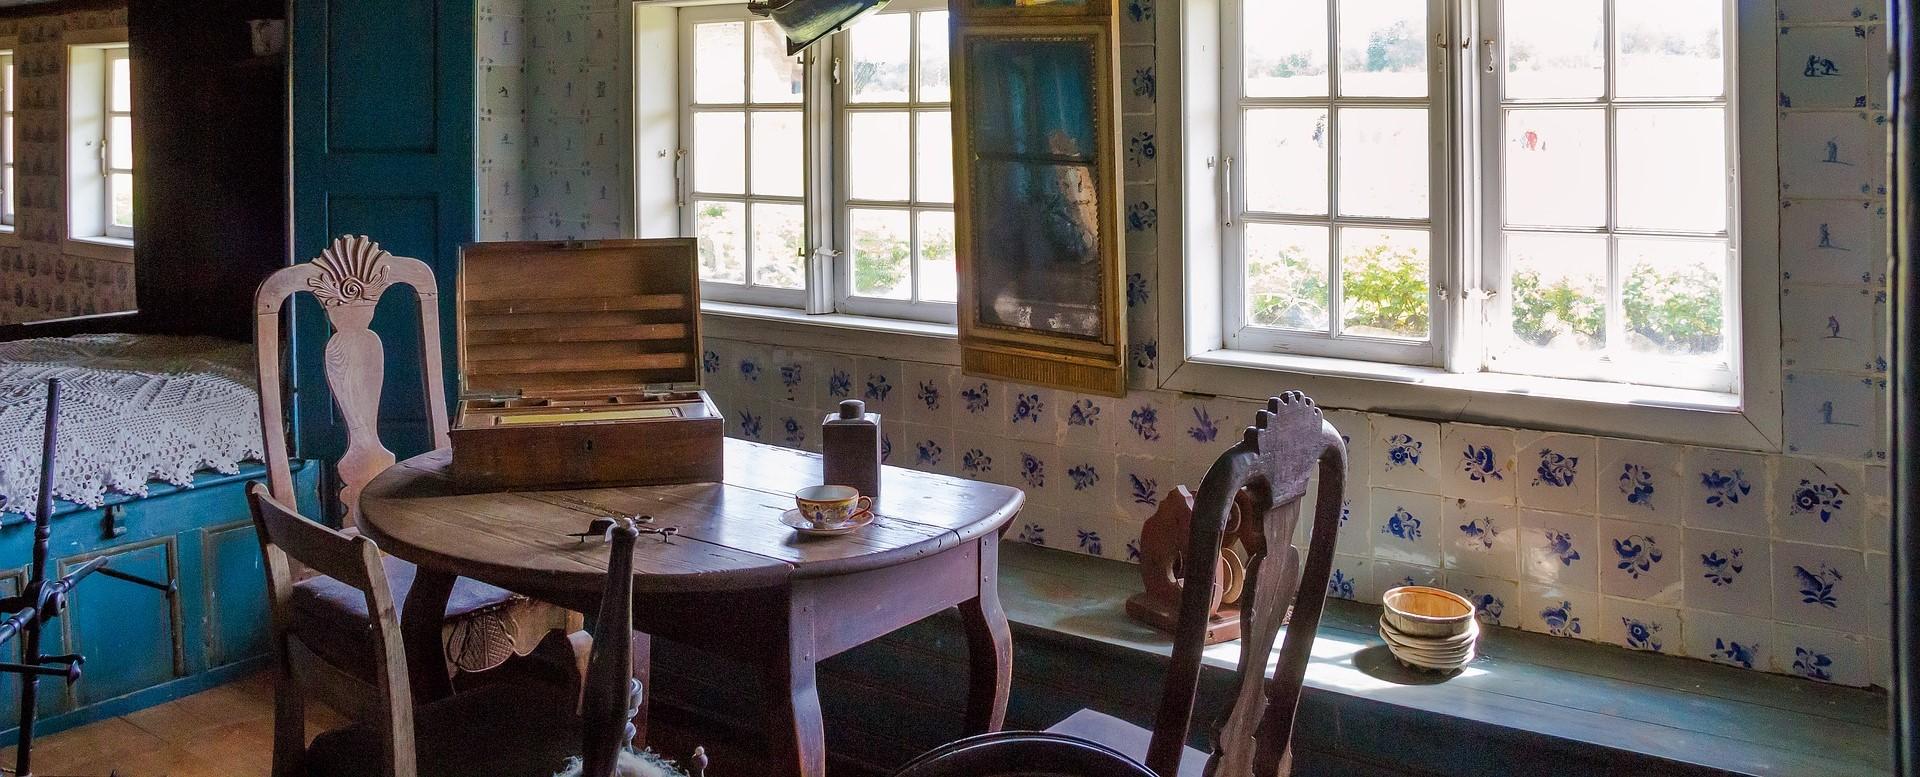 Originalit in casa i mobili antichi laccati for Acquisto mobili antichi napoli